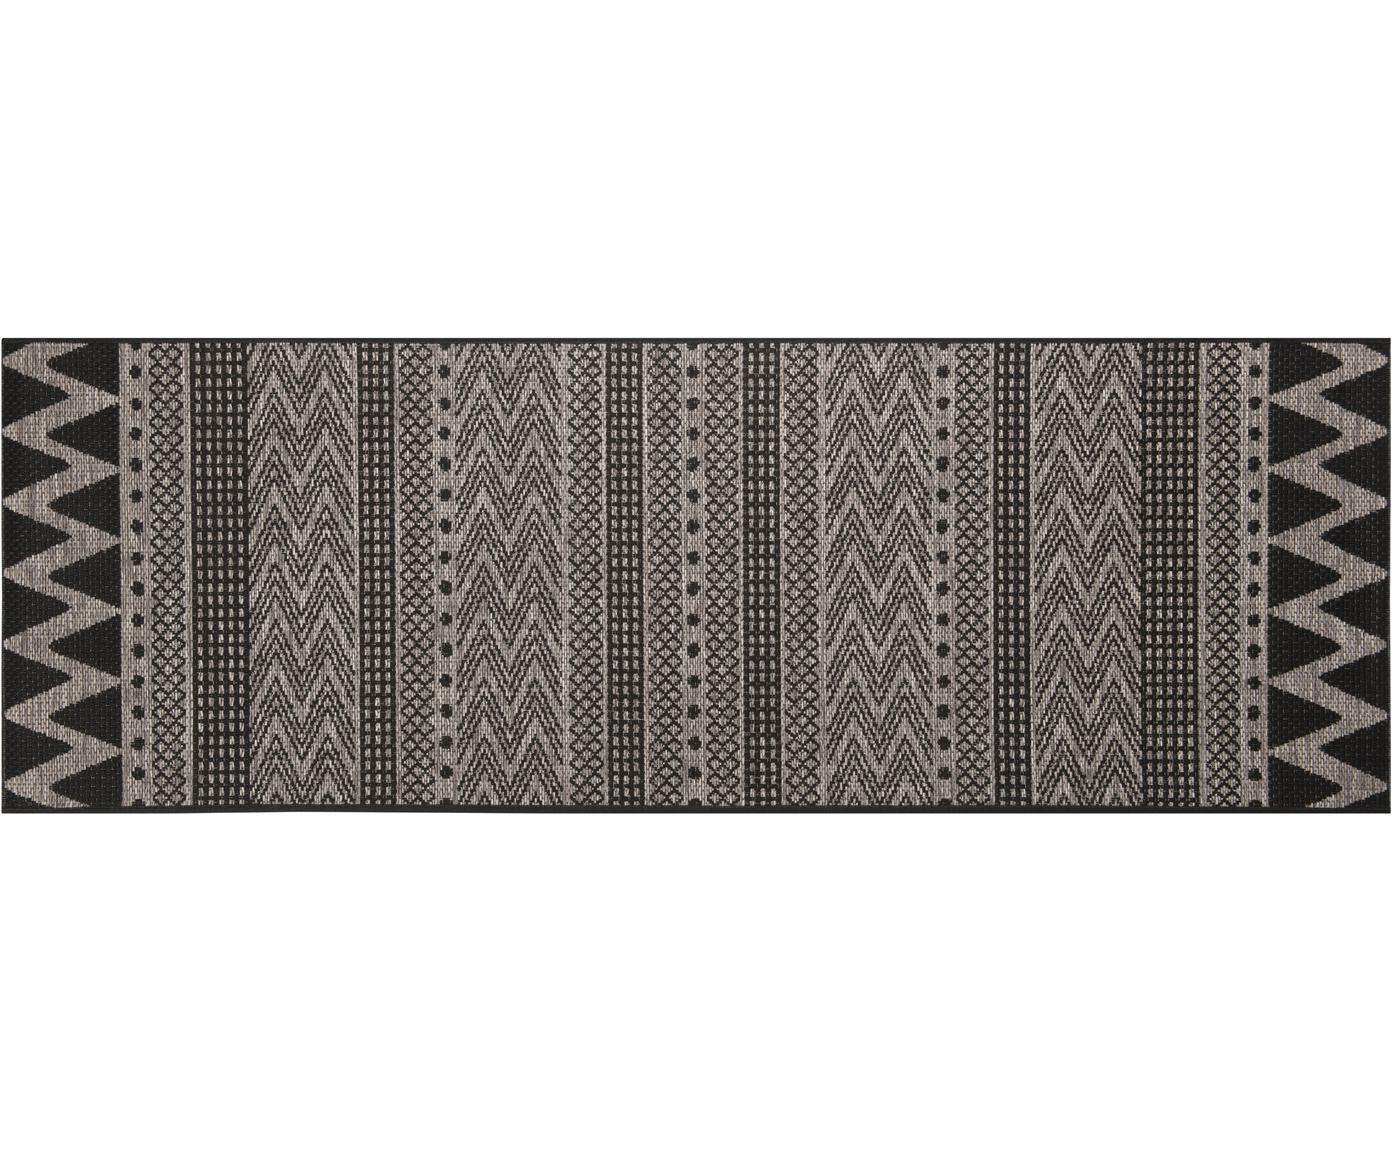 In- & Outdoor-Läufer Sidon mit grafischem Muster, 100% Polypropylen, Beige, Schwarz, 70 x 200 cm